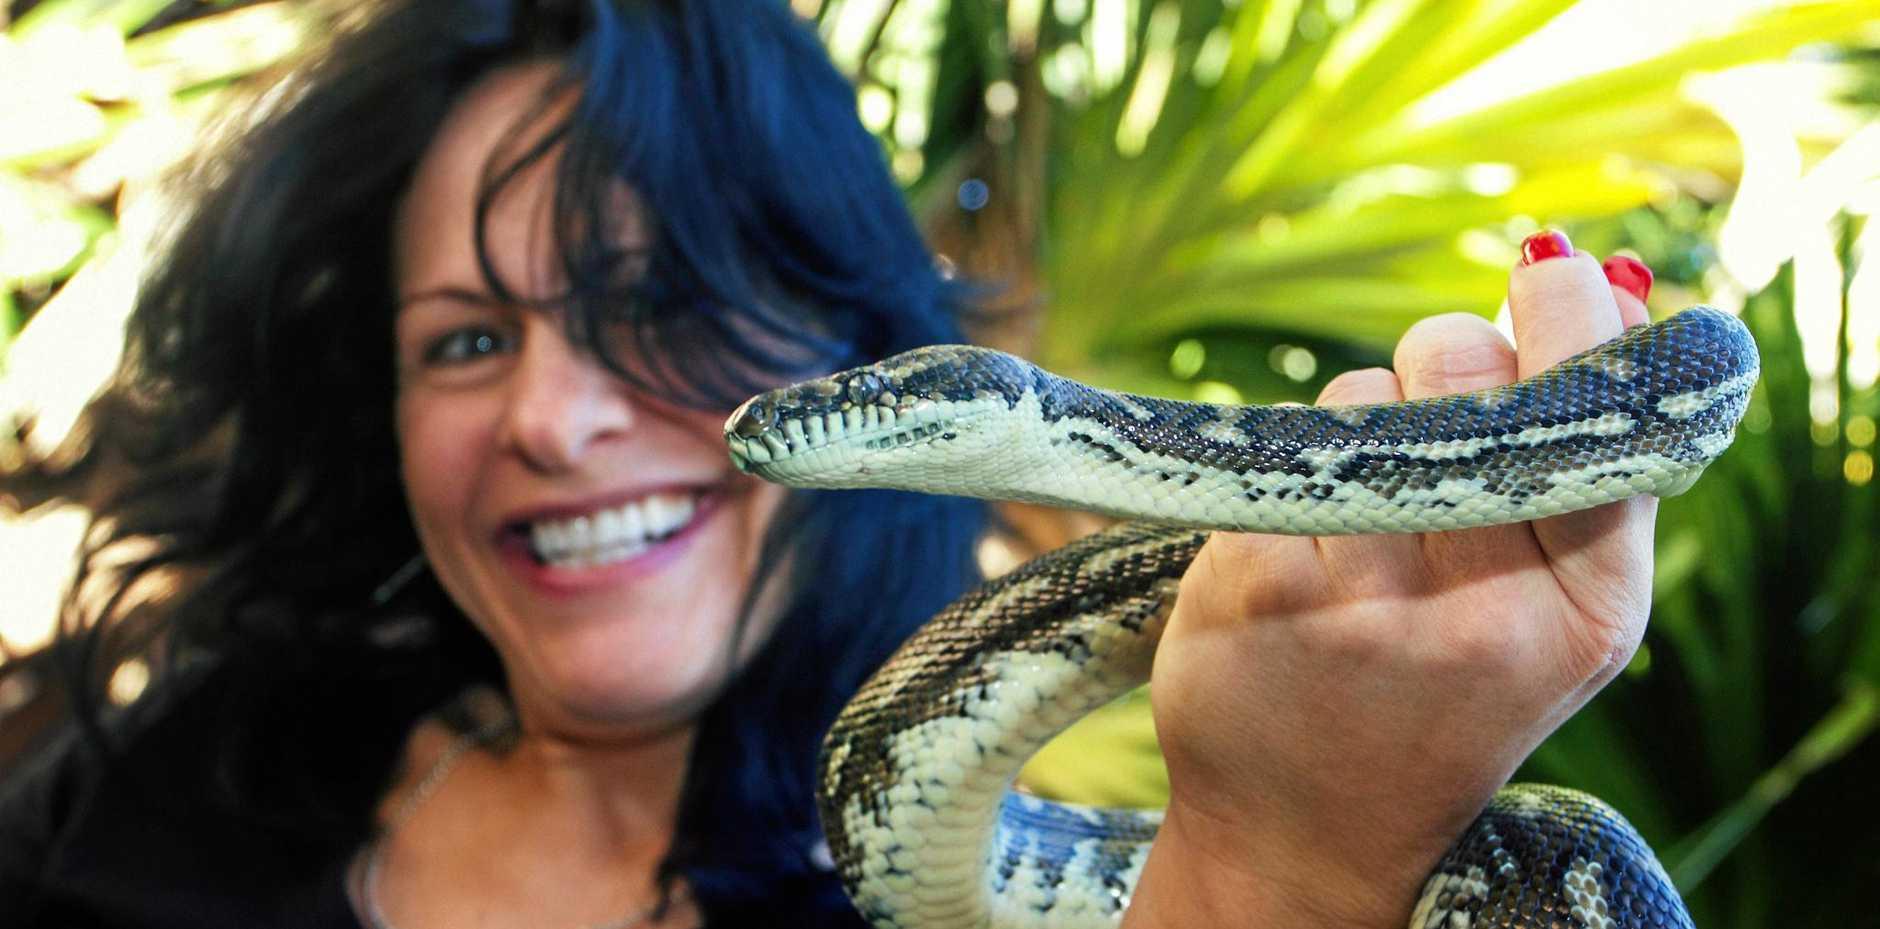 Brisbane snake catcher Julia Baker returns in season two of Snake Boss.